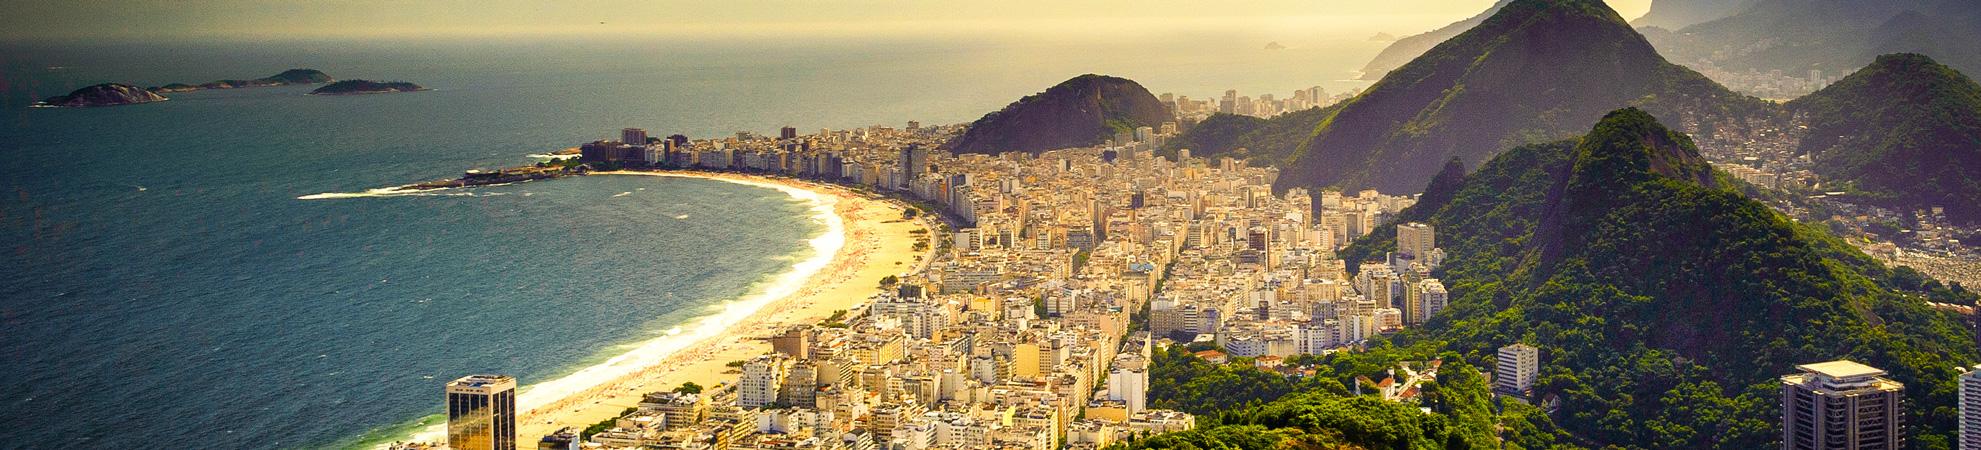 Comportement à éviter lors de votre circuit au Brésil